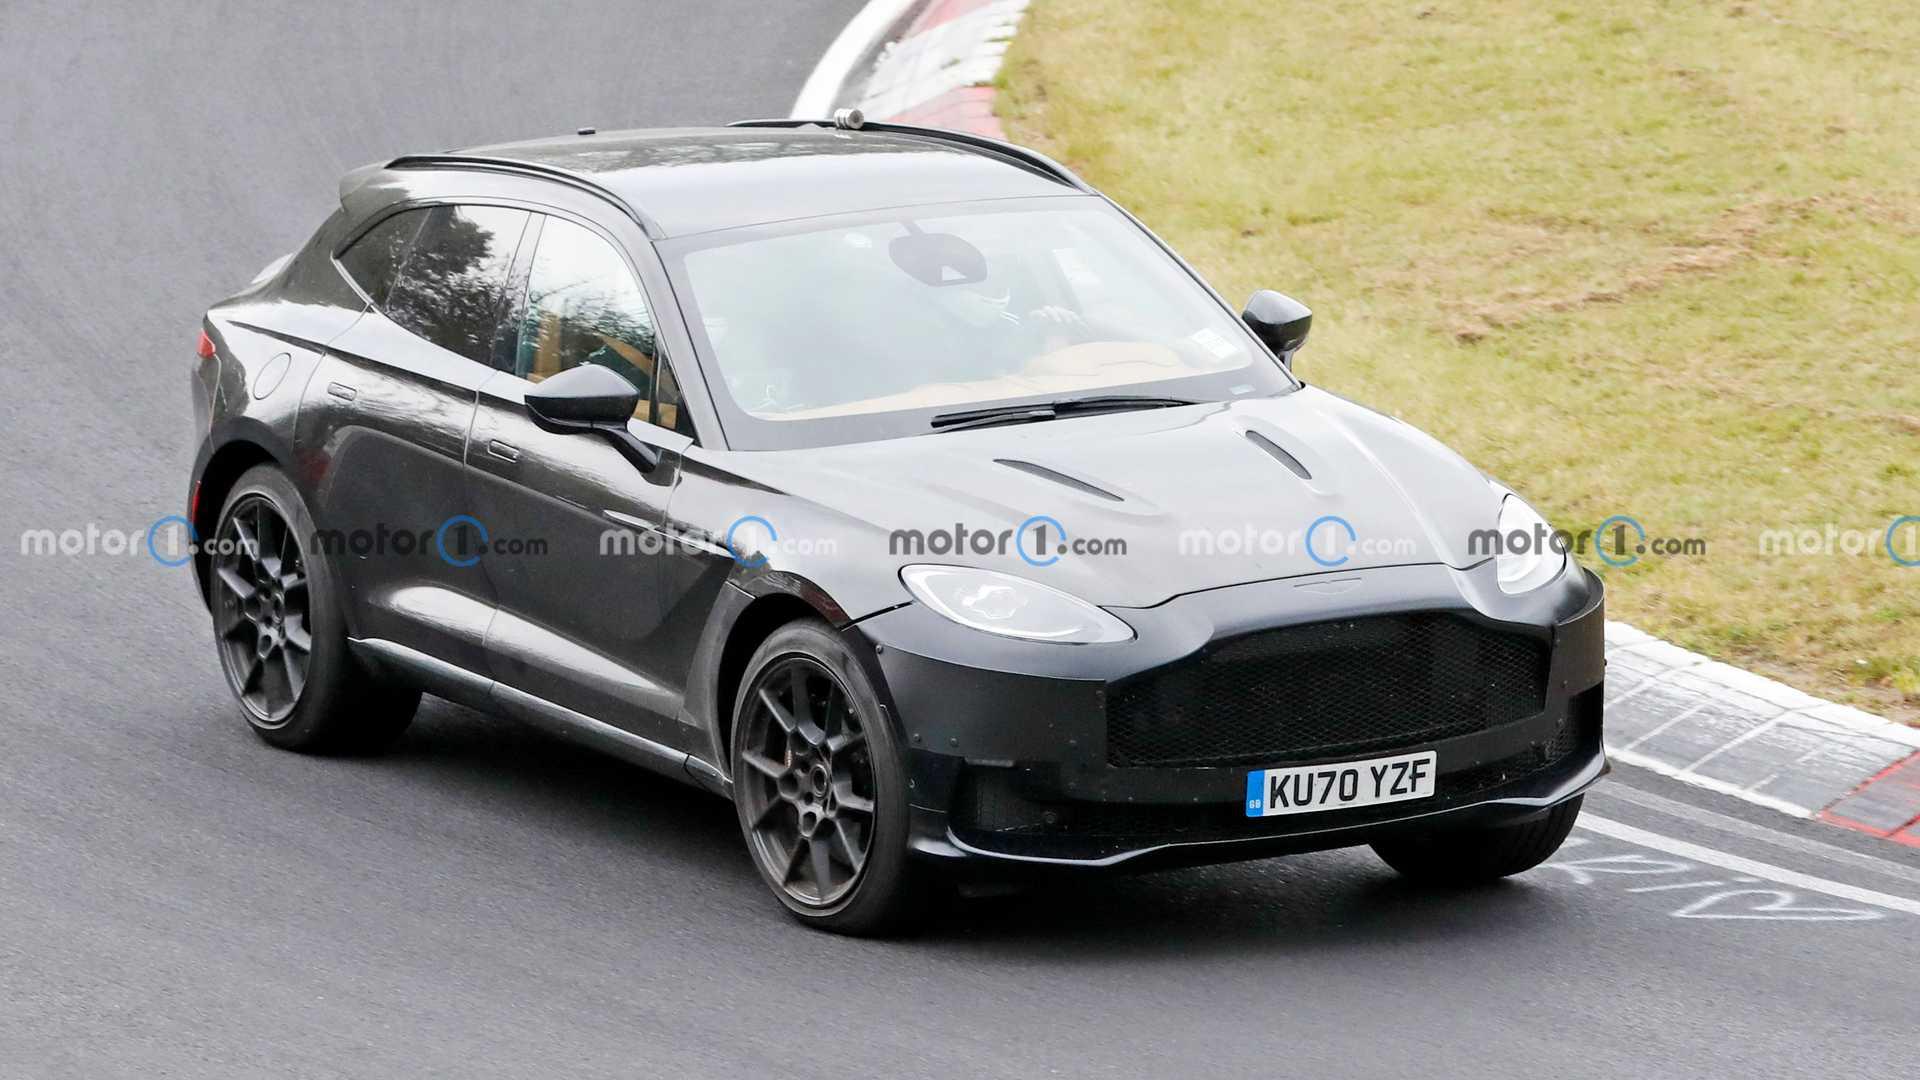 DBX – очень важная машина для Aston Martin, которая приносит большой доход. В будущем, как мы знаем, его семейство может разрастись до шести моделей. Накануне фотографы заметили тестовый прототип, который ехал по «Северной петле» в приличном темпе. Кажется, это один из тех шести, готовящихся к дебюту.